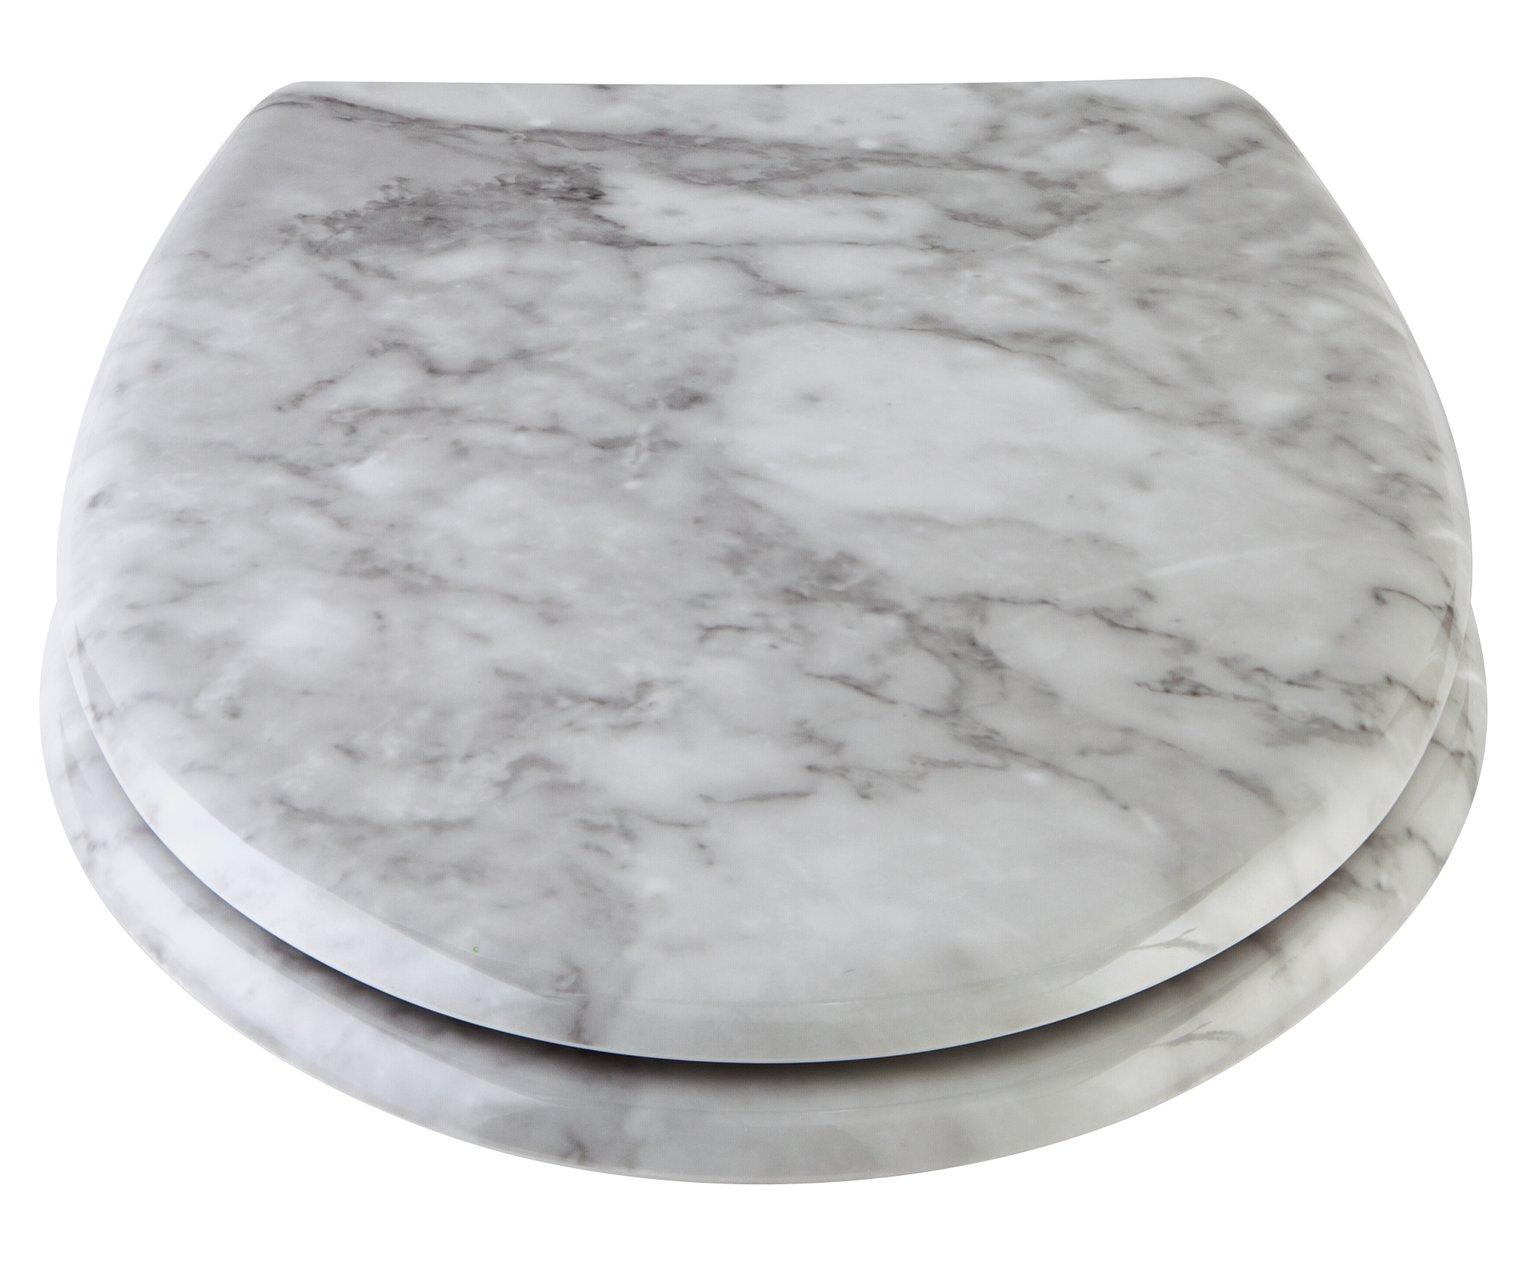 Argos Home Marble Design Toilet Seat - White